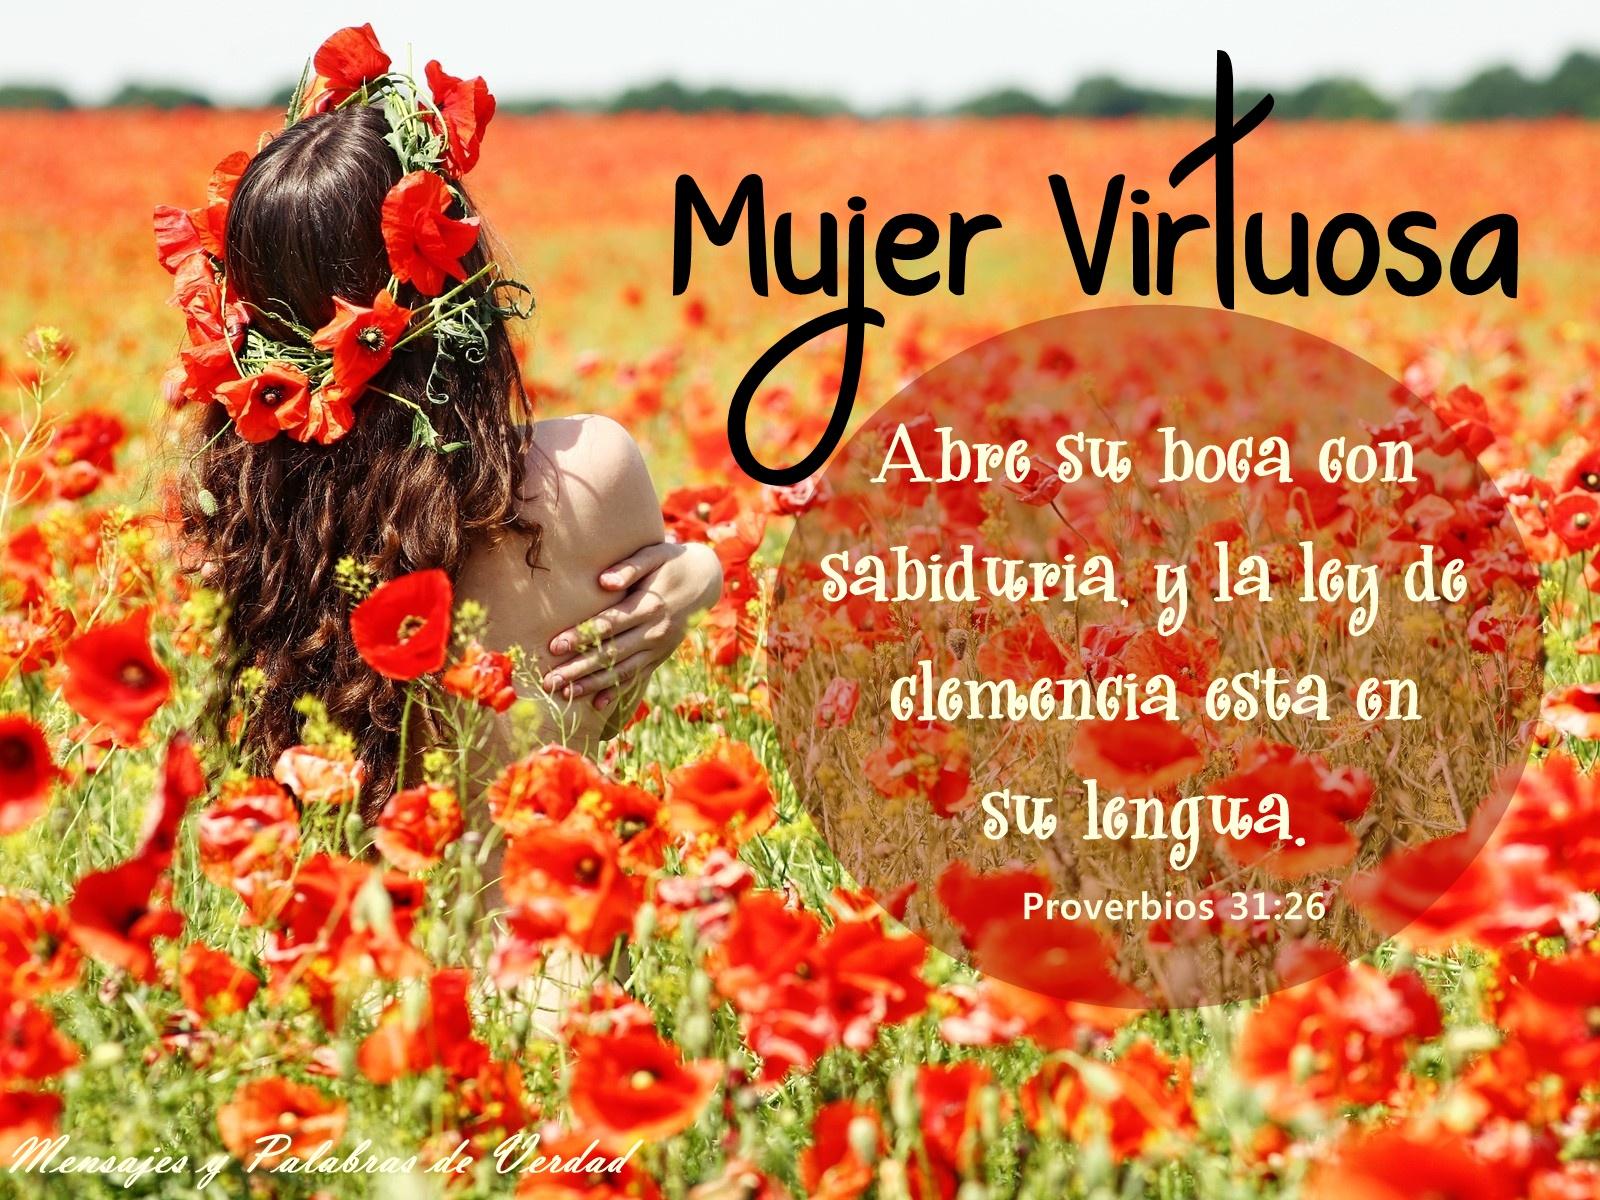 Mujer Virtuosa, Proverbios 31:26